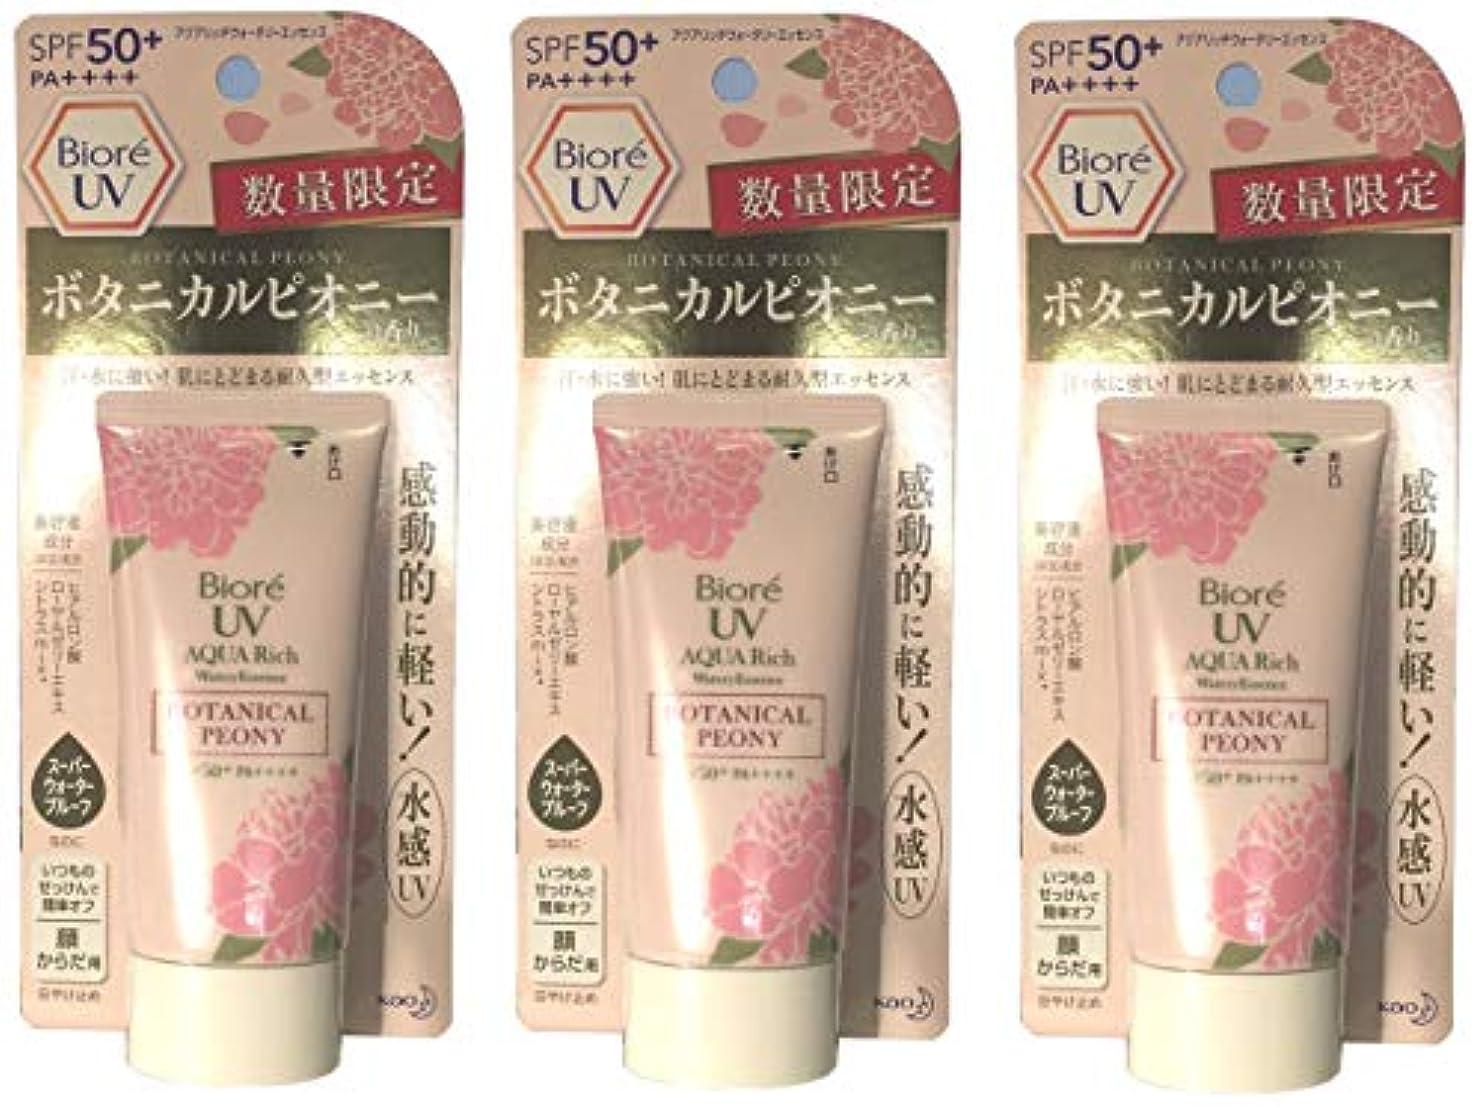 発生する普通のばかげた【3個セット】ビオレUV アクアリッチエッセンス ボタニカルピオニーの香り 50g×3個